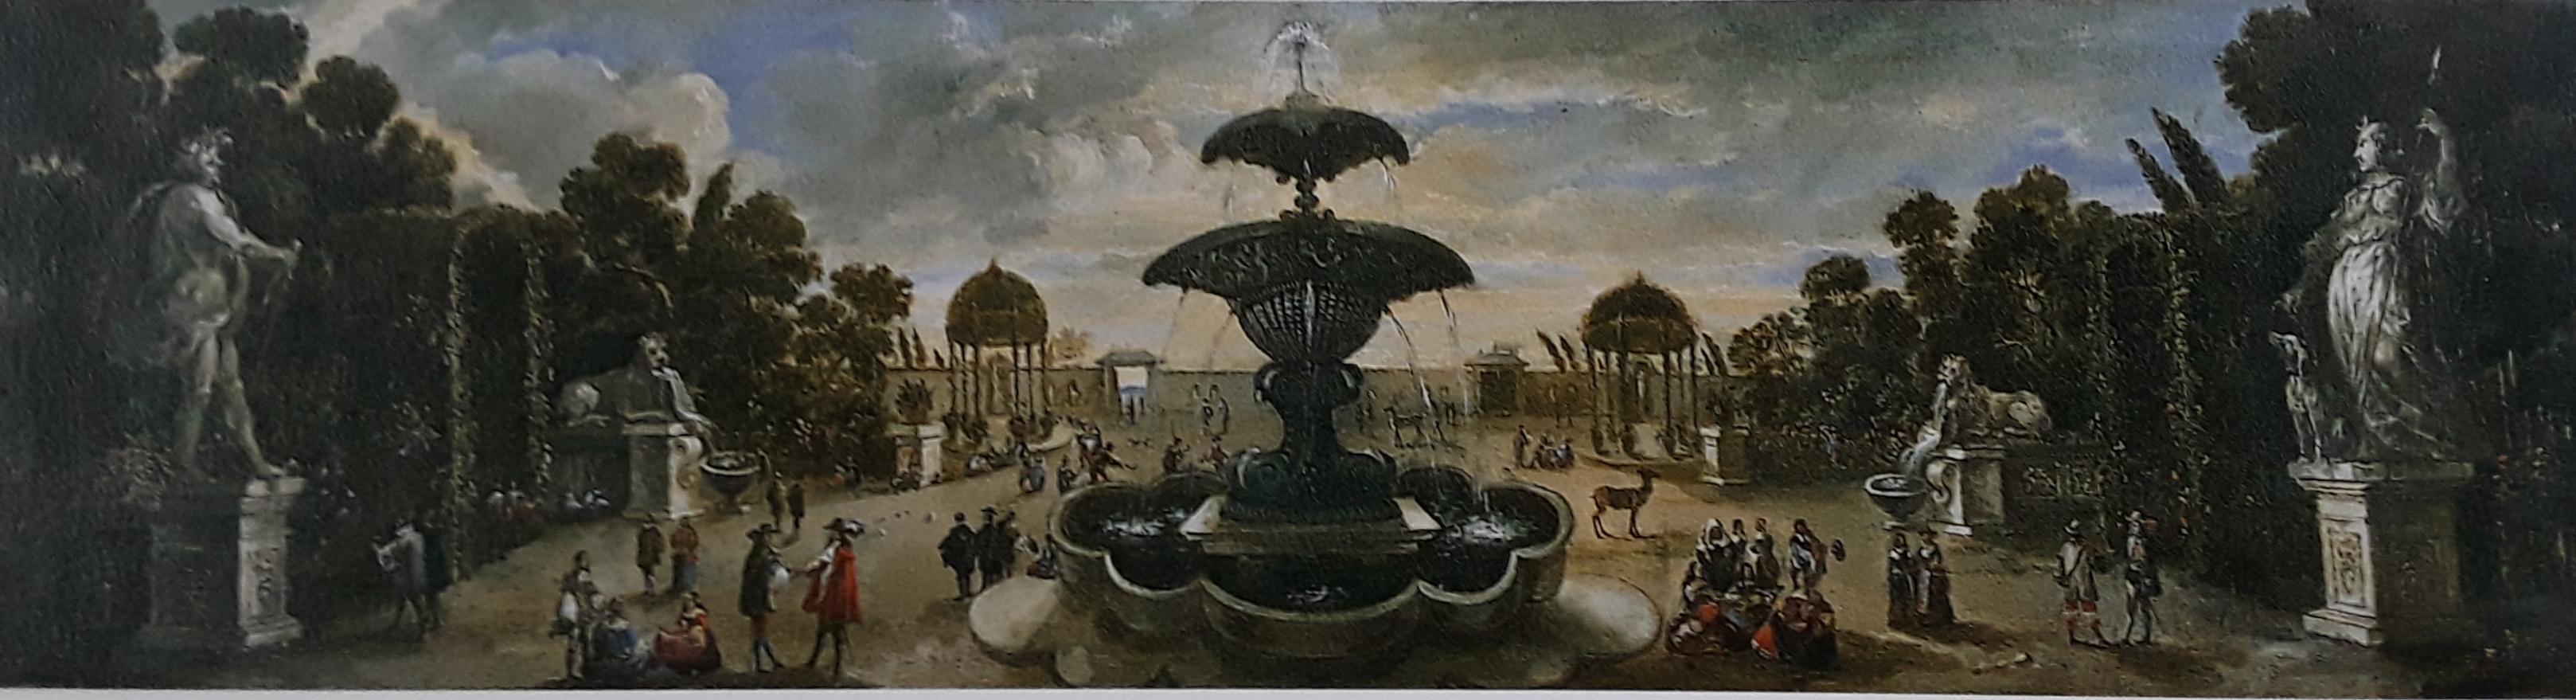 San Pablo o la ermita mitológica. Un oxímoron en la corte del Rey Planeta